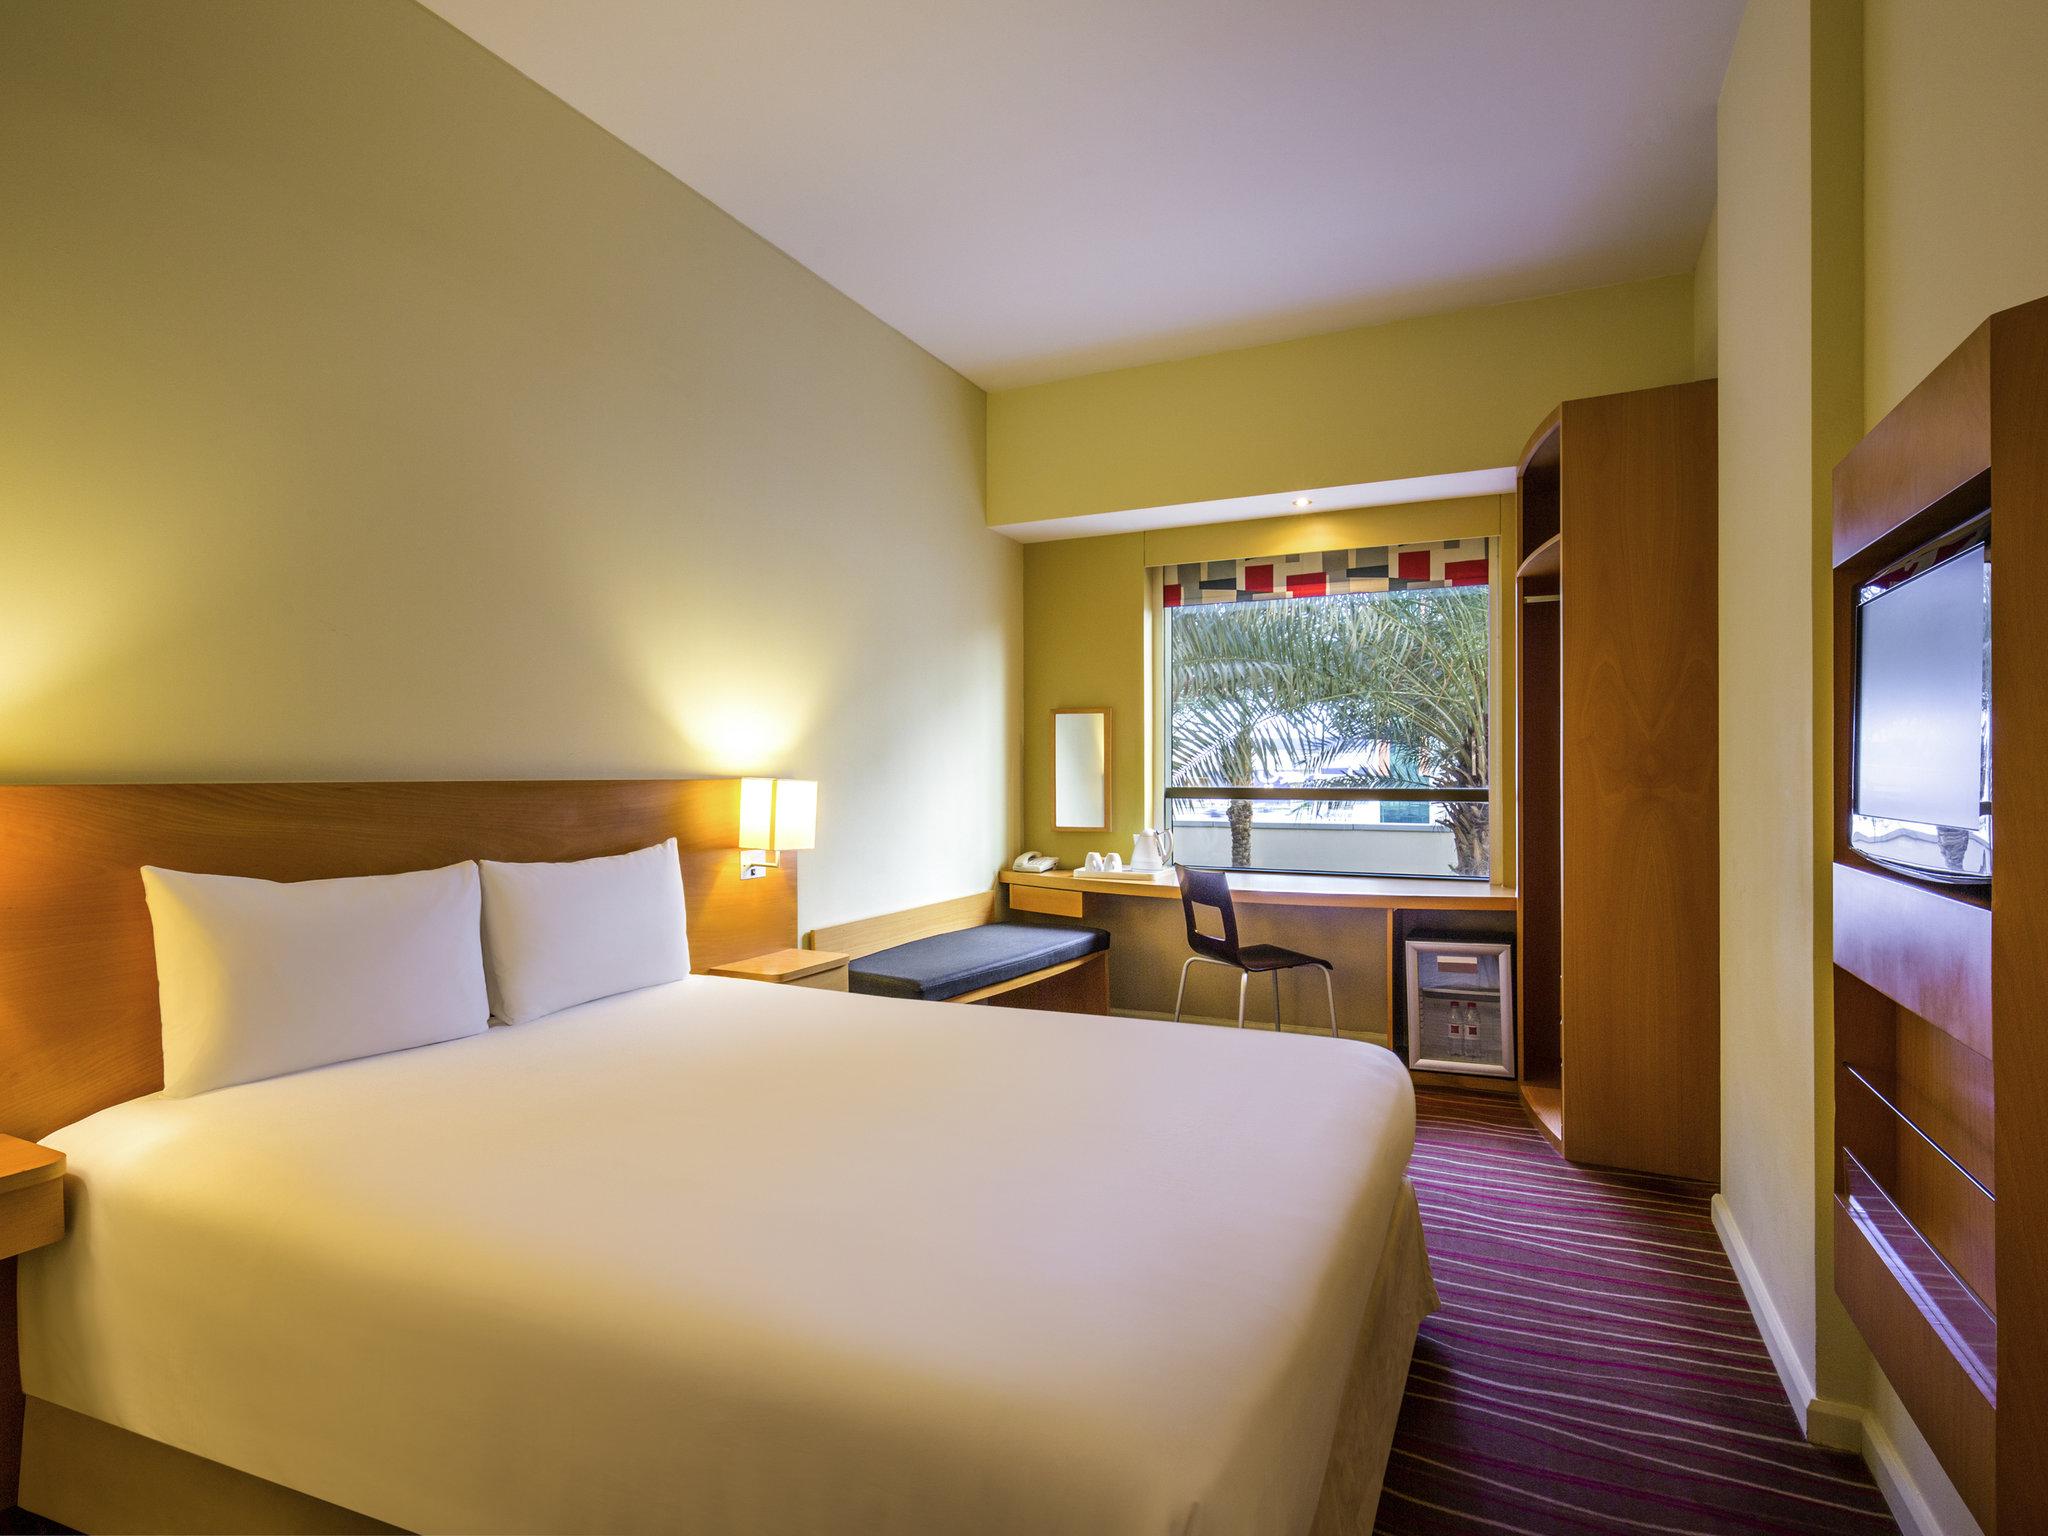 فندق - فندق إيبيس ibis دبي مول الإمارات